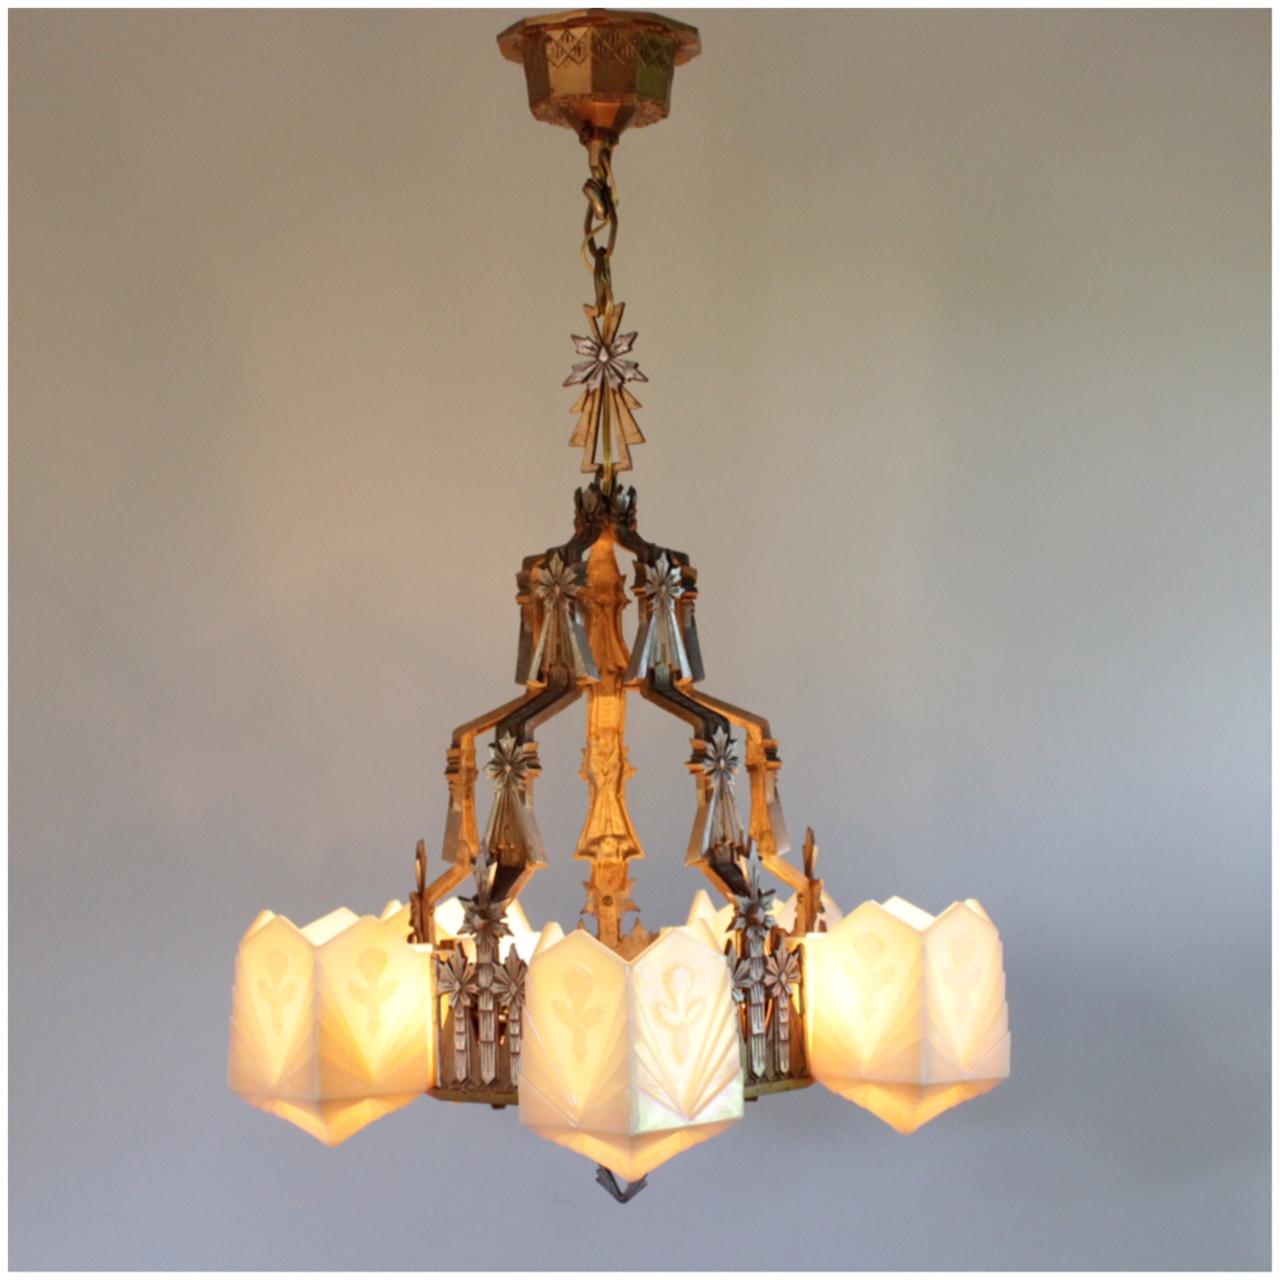 Wall Sconces Chandelier: #A8227 Art Deco Chandelier & Sconces